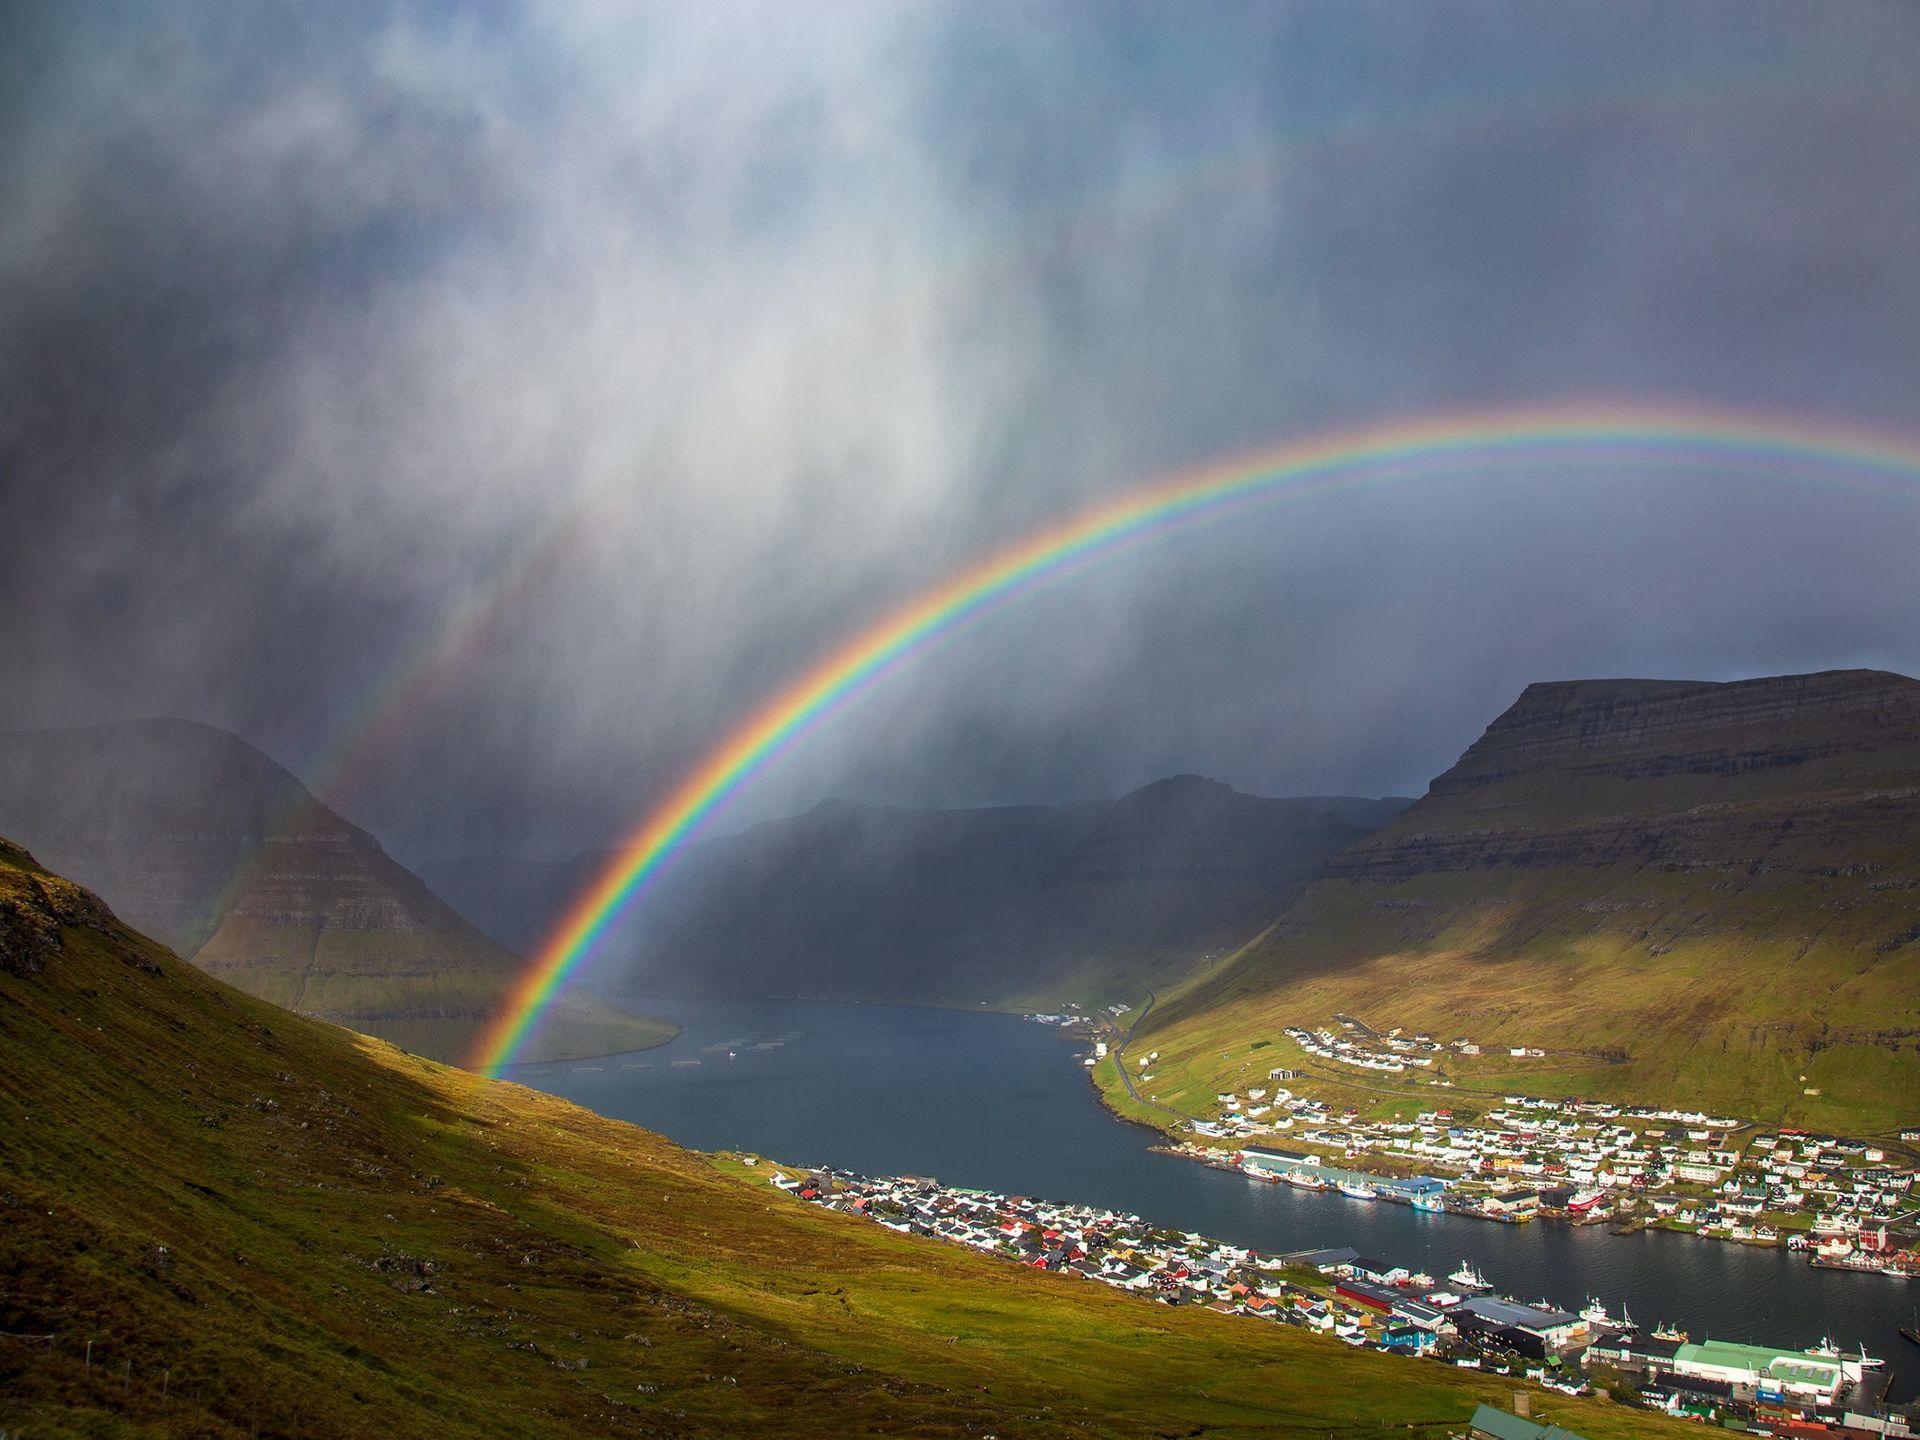 Фото — «Двойная радуга над Клаксвиком». Фарерские острова, Дания. Автор — Marko Korosec.